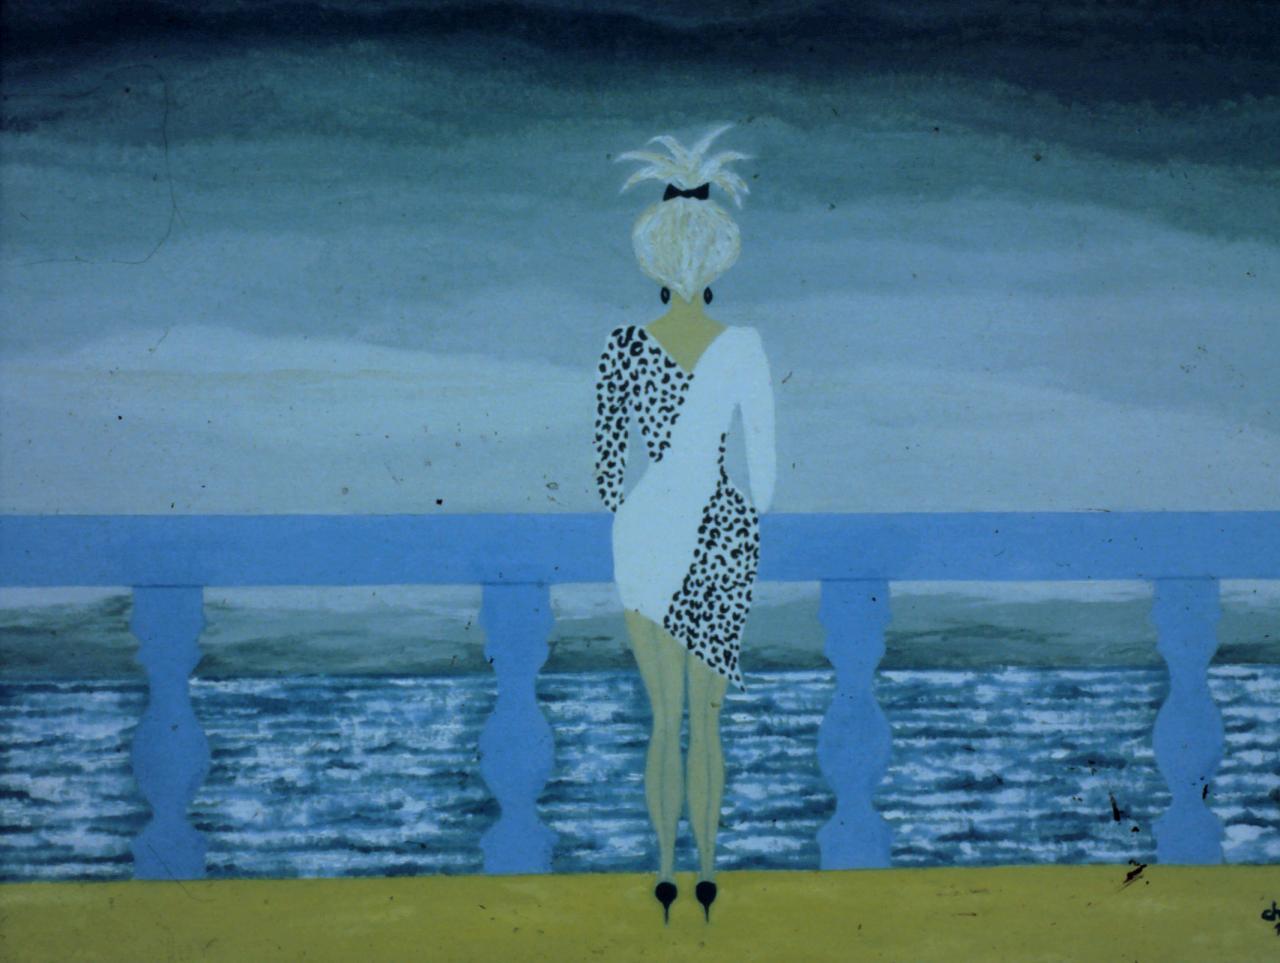 La sirène au balcon bleu *